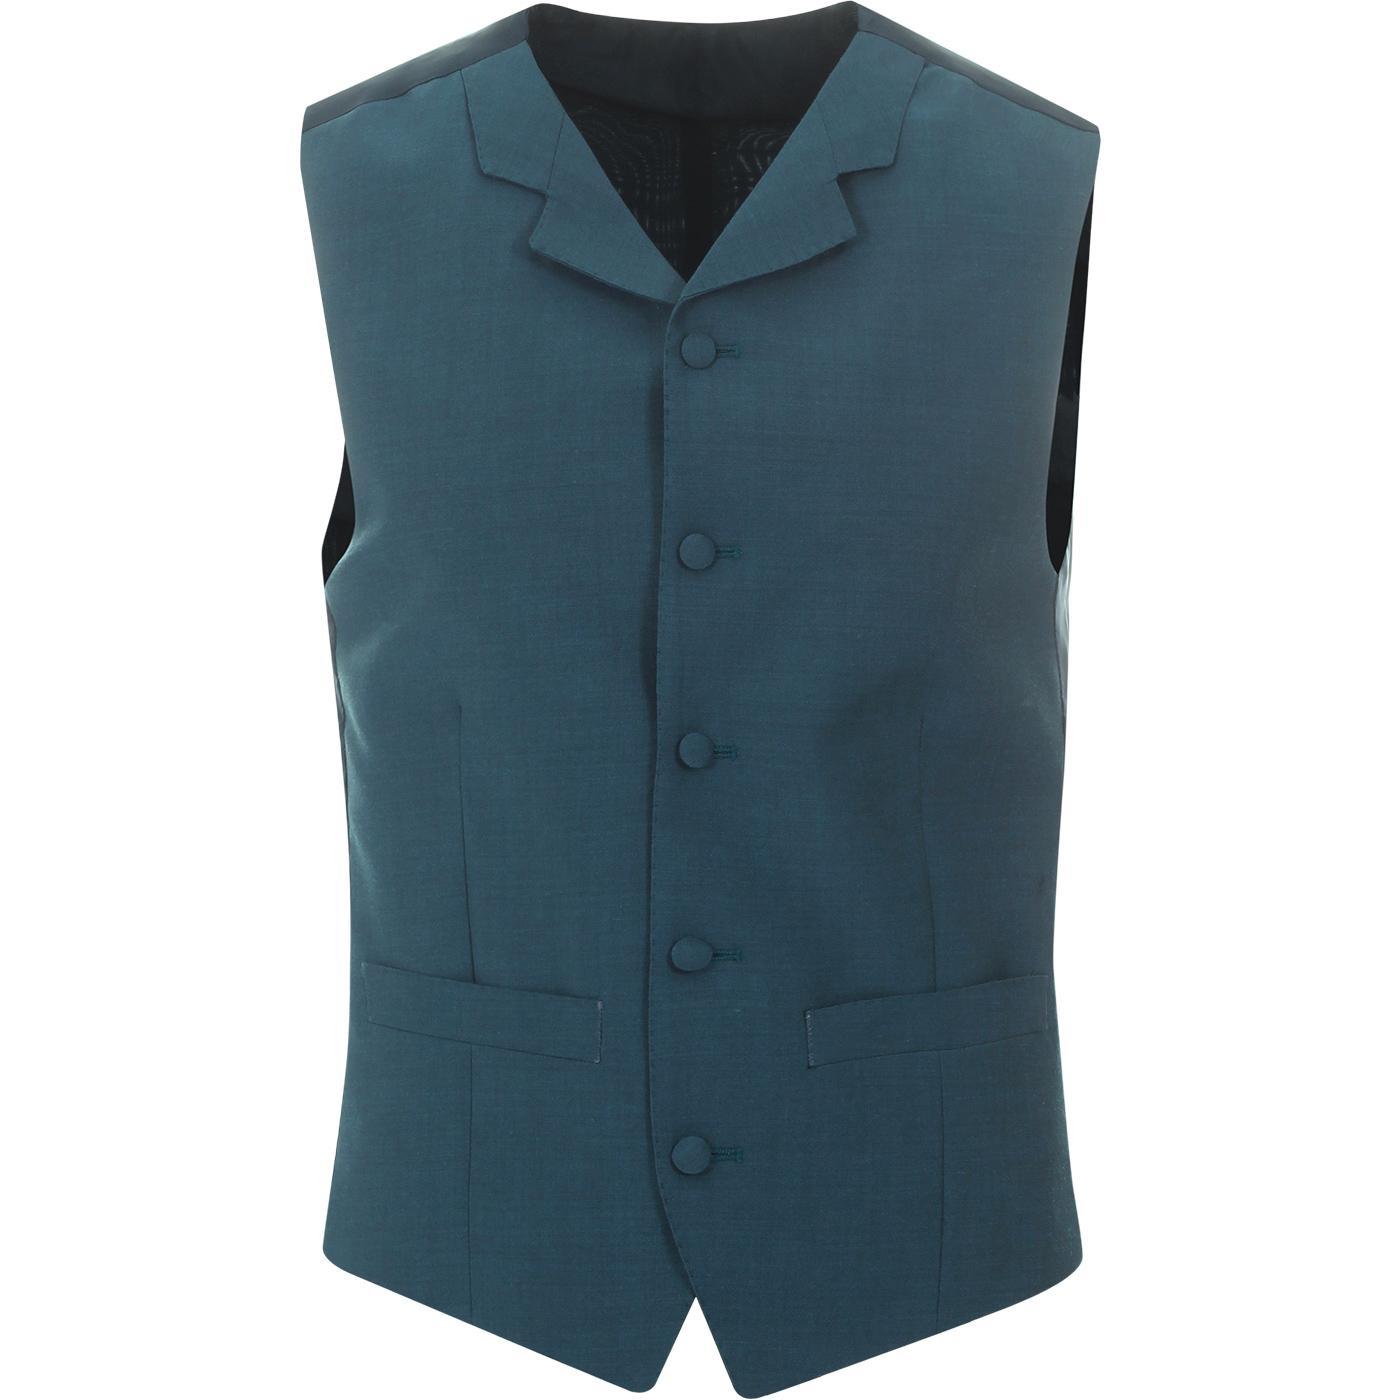 MADCAP ENGLAND Mod Mohair Tonic Waistcoat (Teal)